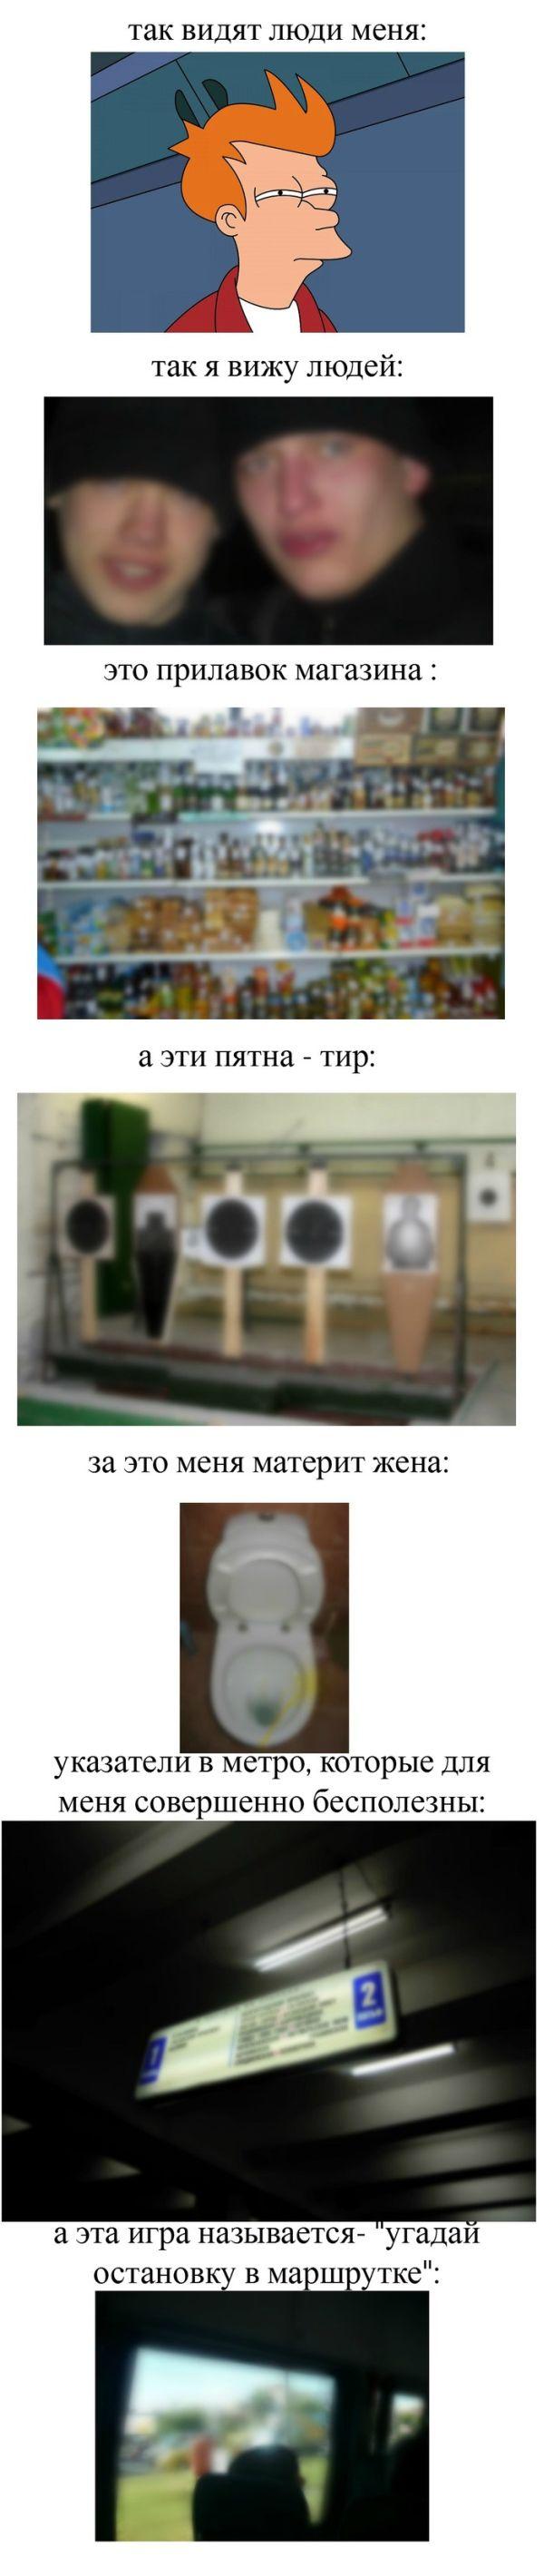 Прикольные картинки (130 фото)